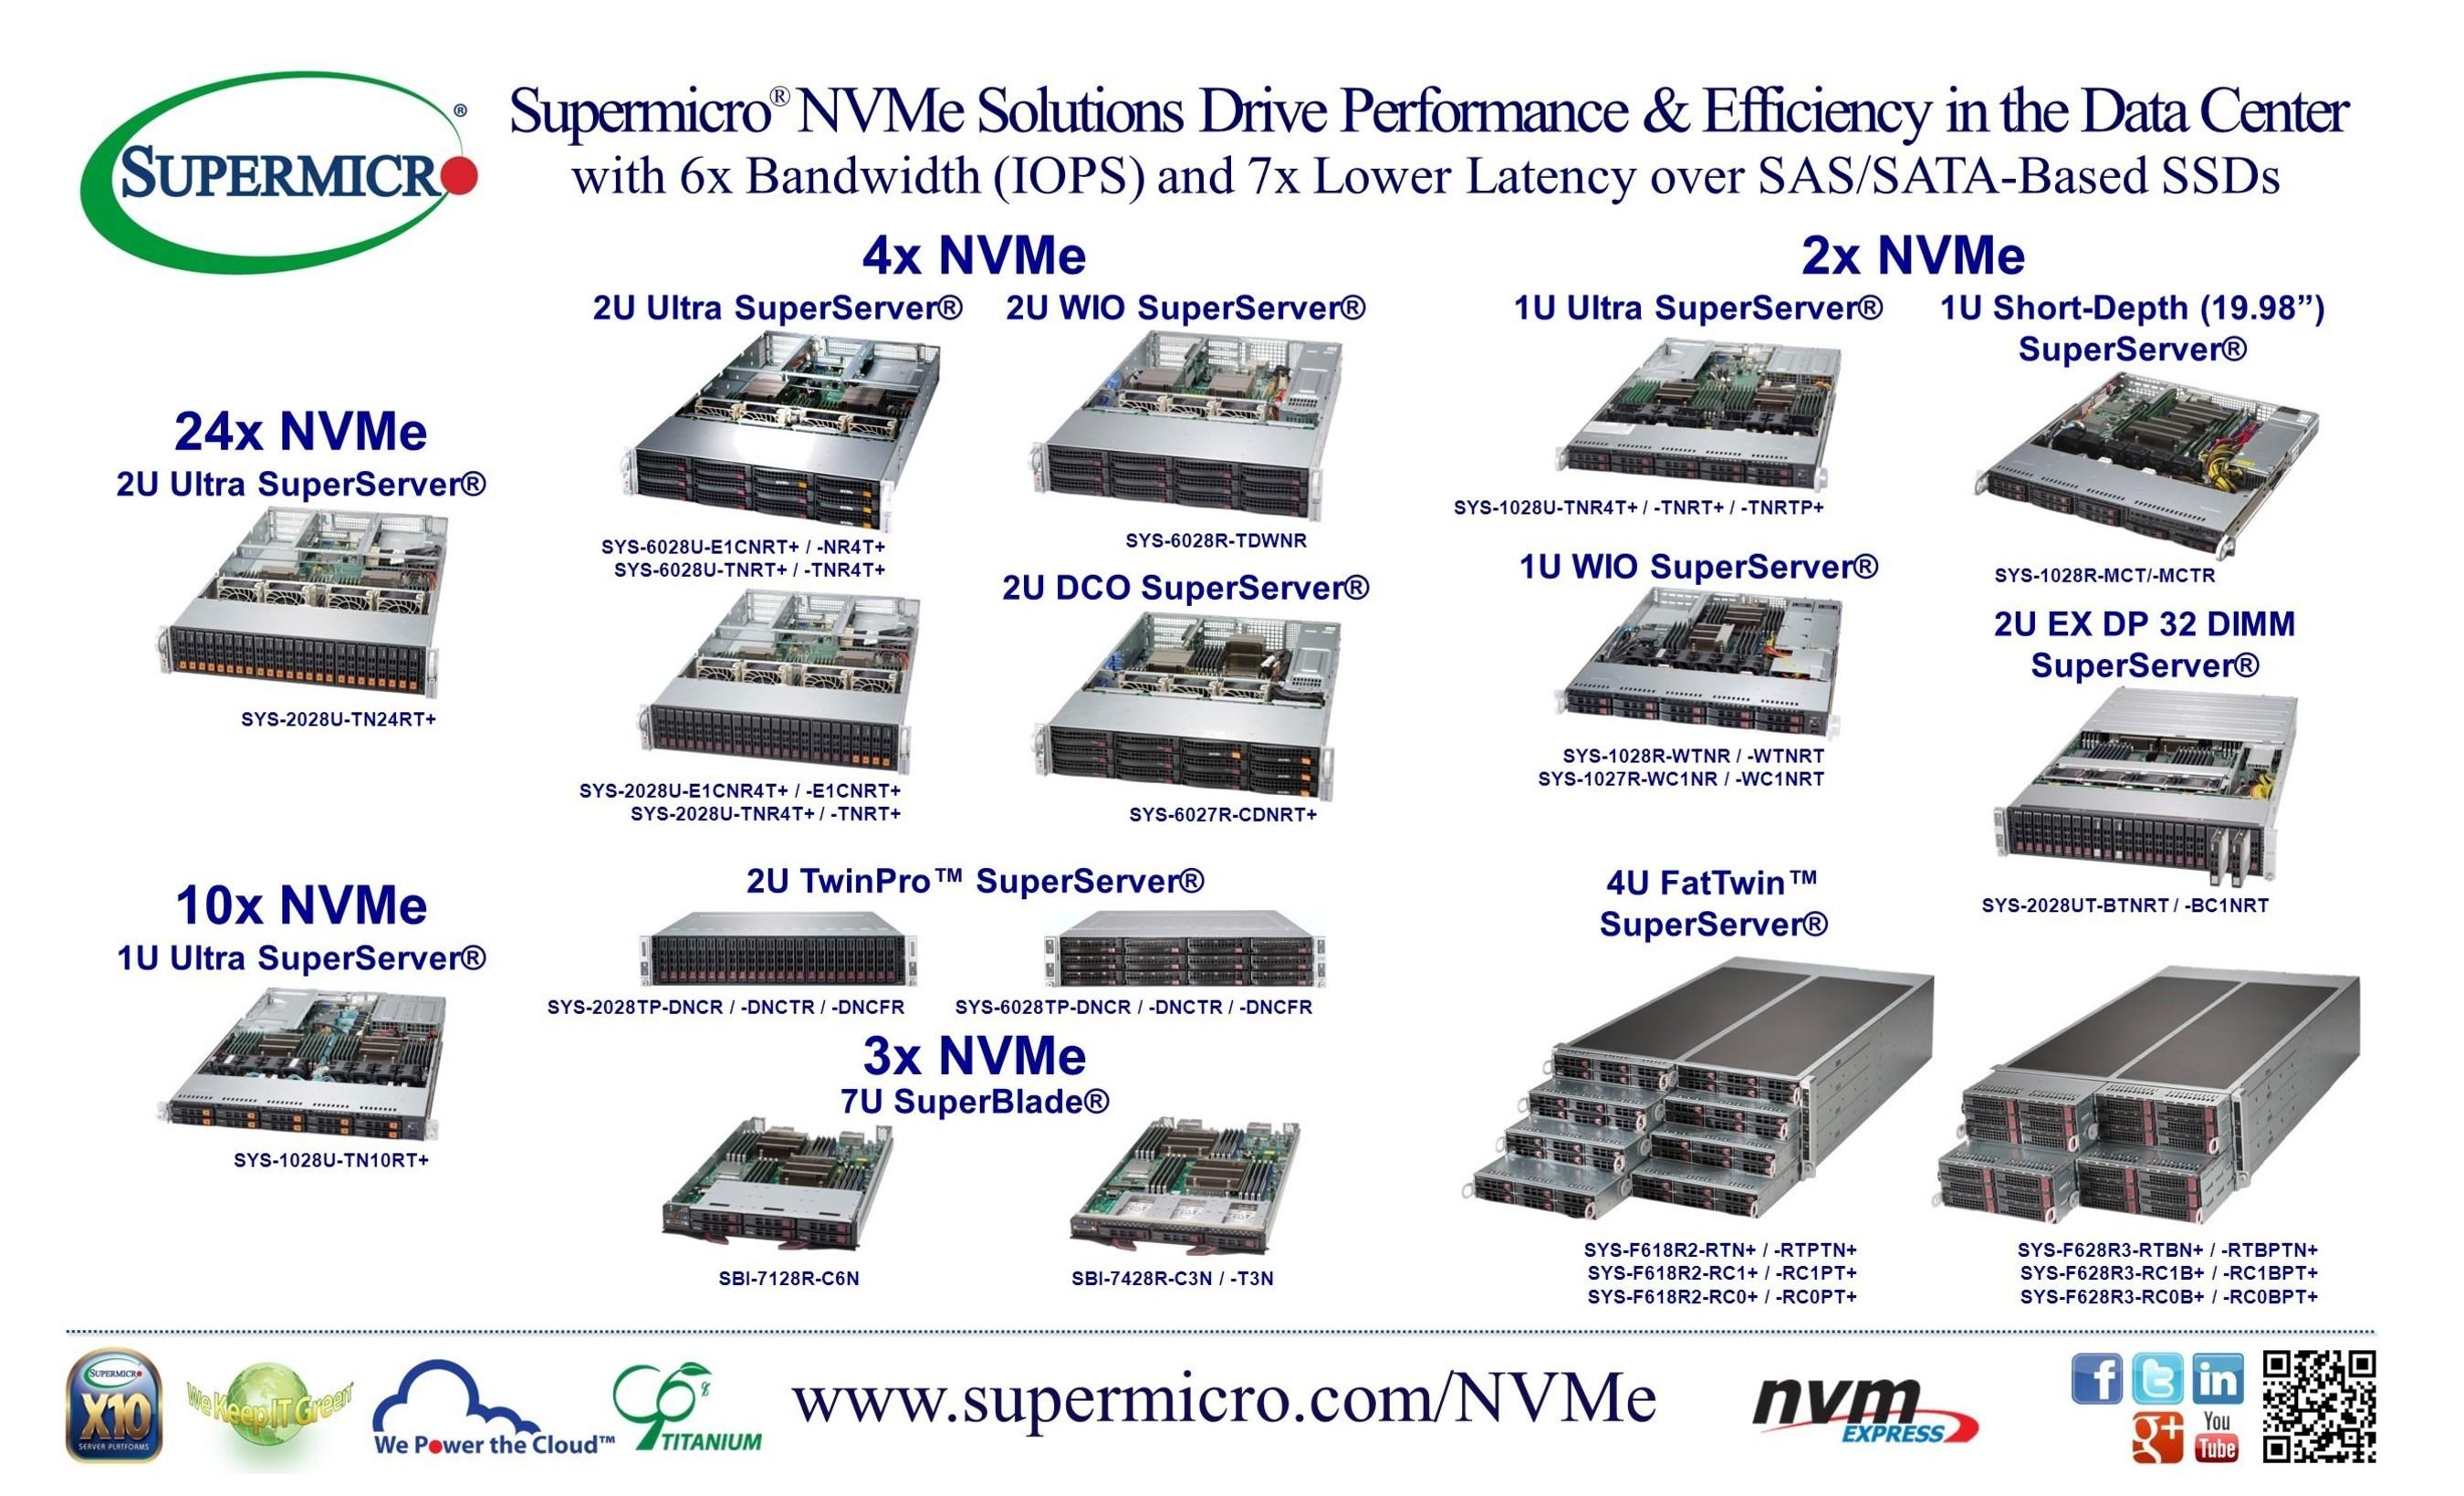 Soluções NVMe (U.2) da Supermicro® geram desempenho e eficiência para o centro de dados com suporte